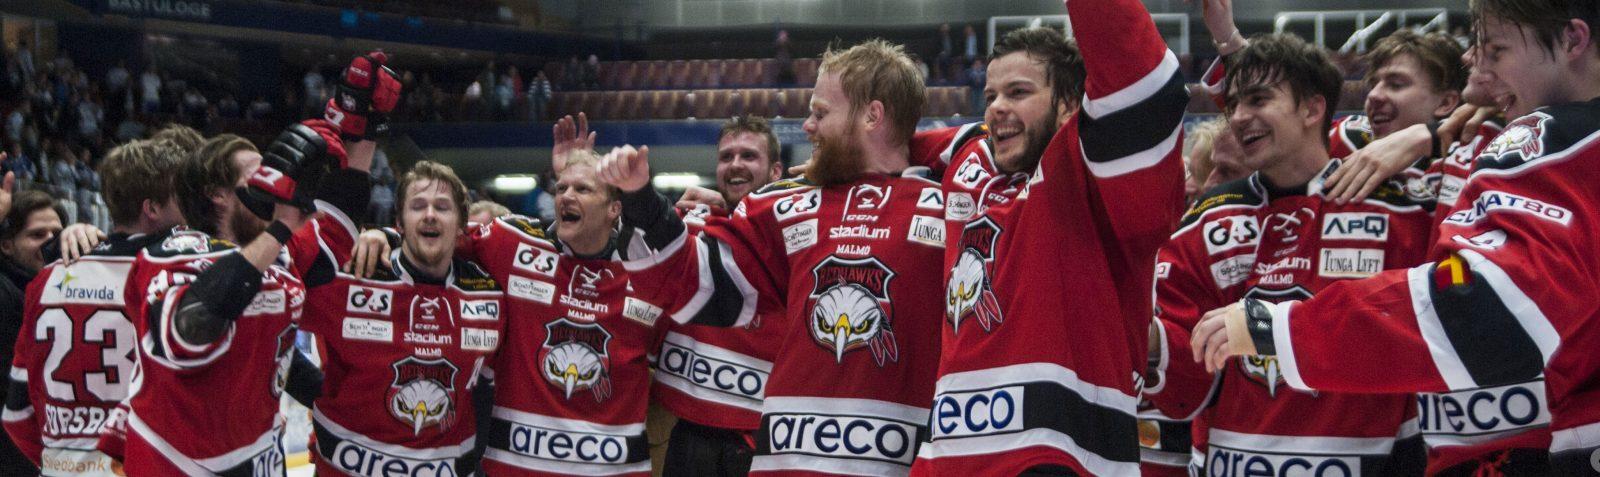 Malmö Redhawks har inlett samarbete med medicintekniskt företag